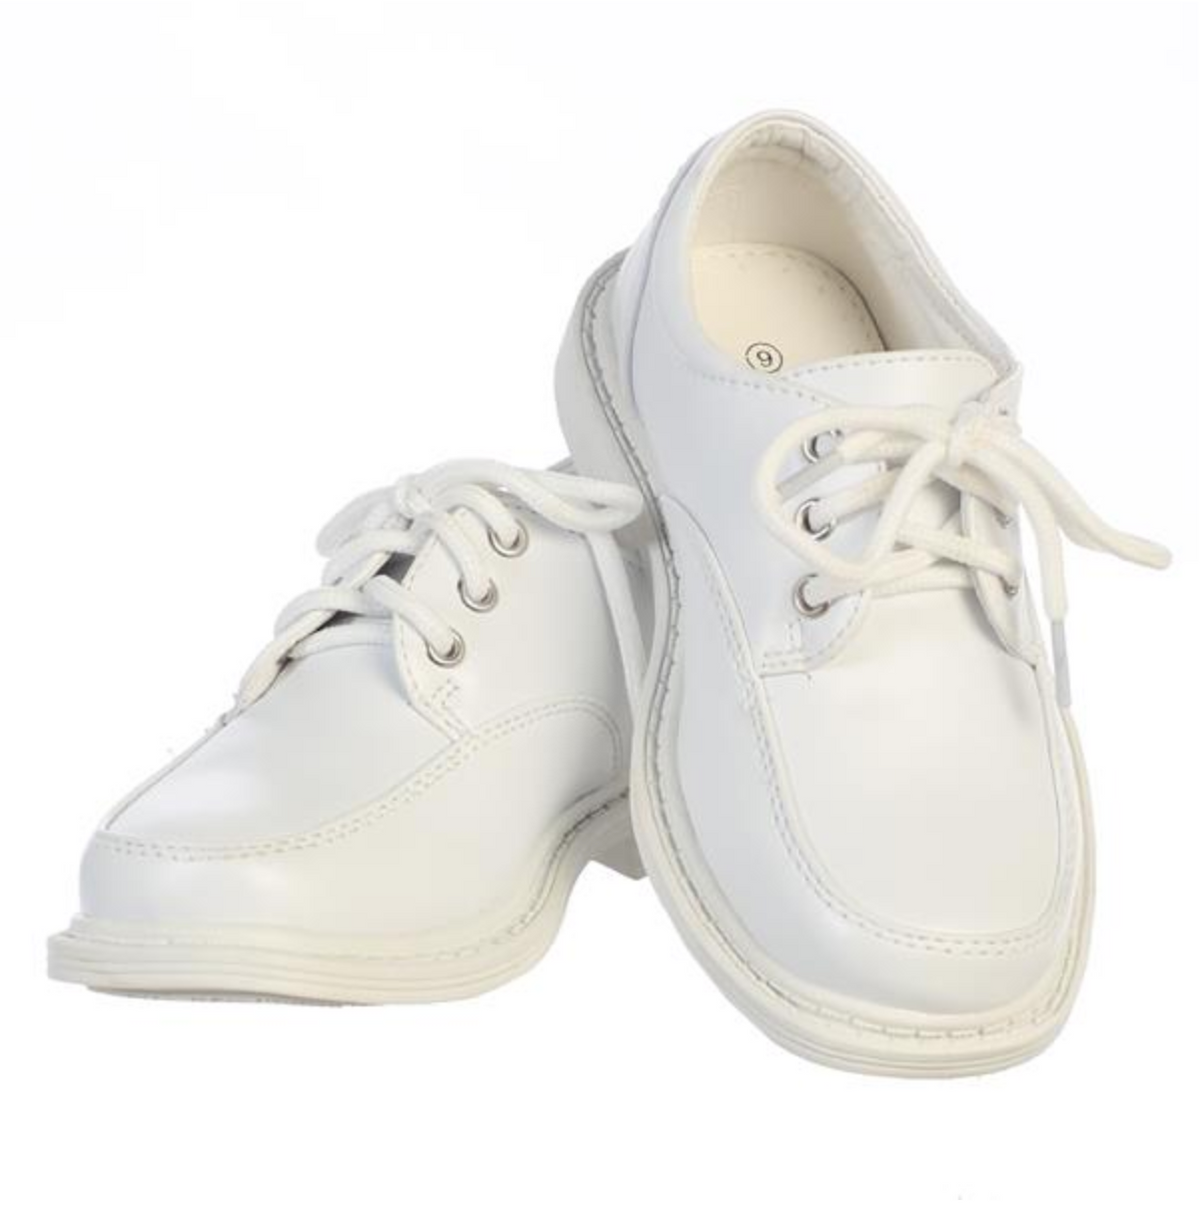 boys lace up shoes